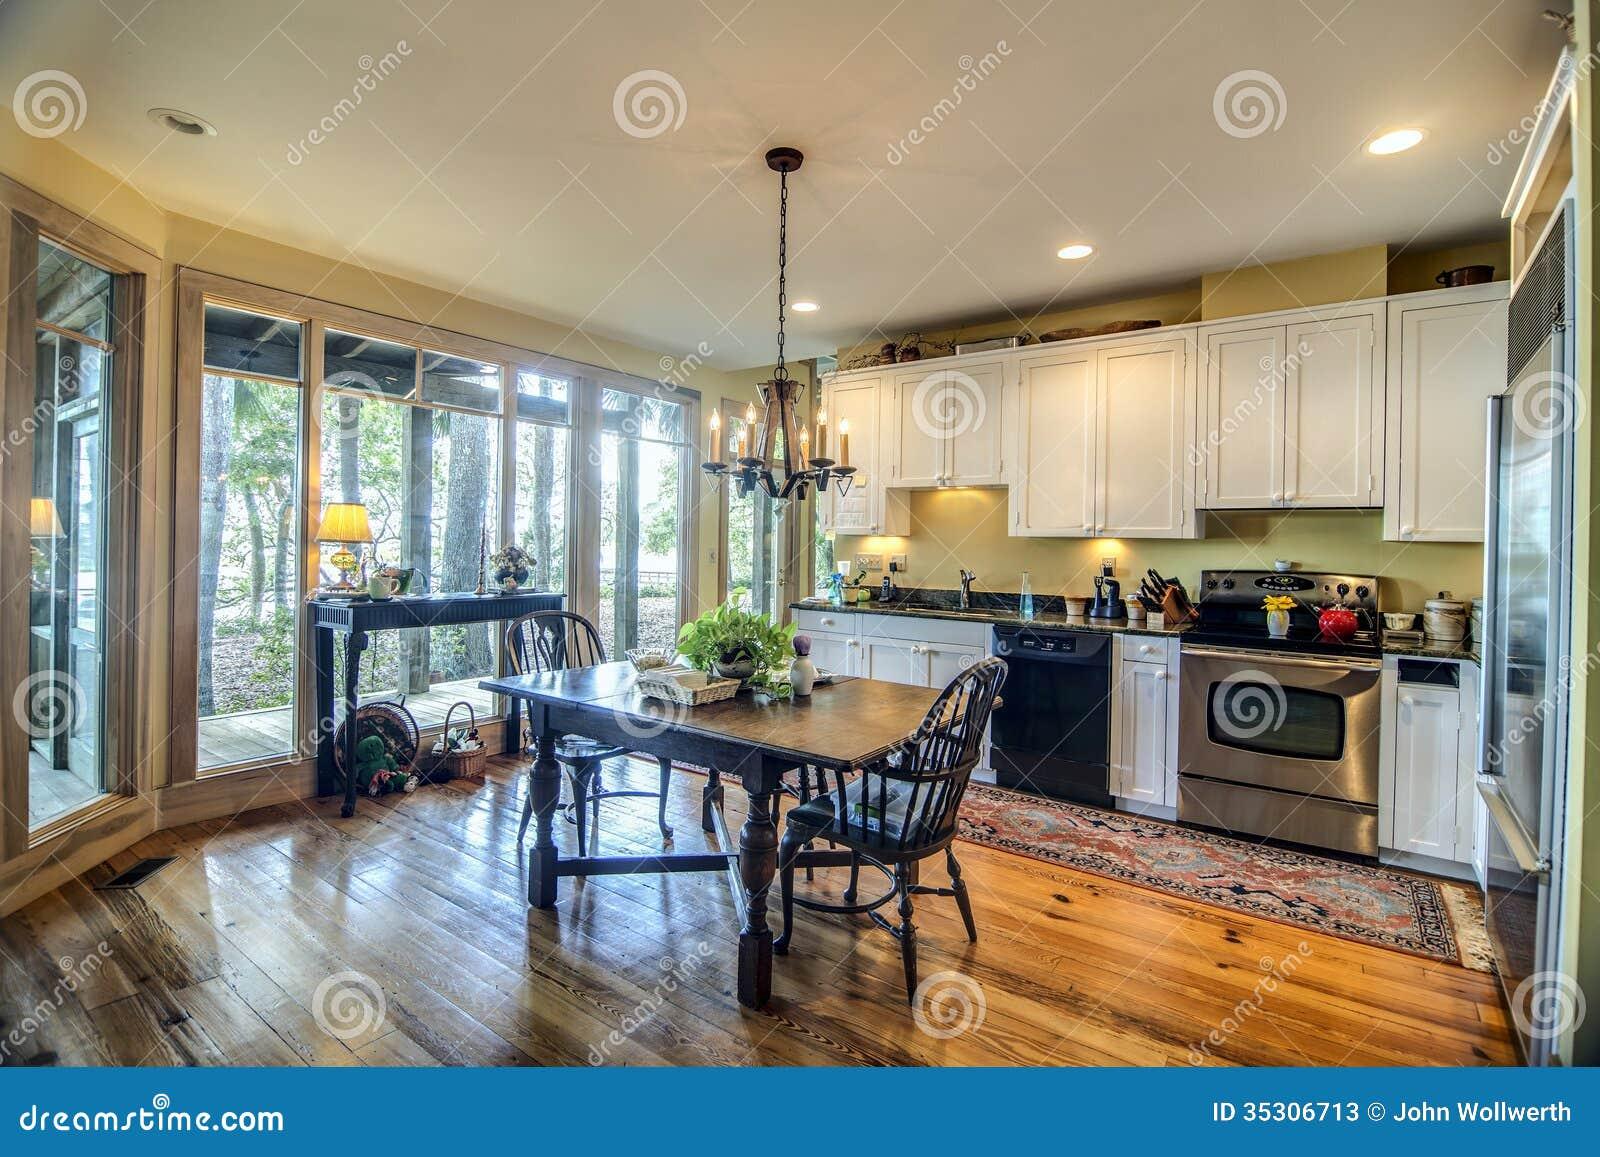 Cucina con le finestre di vista immagine stock immagine - Cucina con vetrata a vista ...